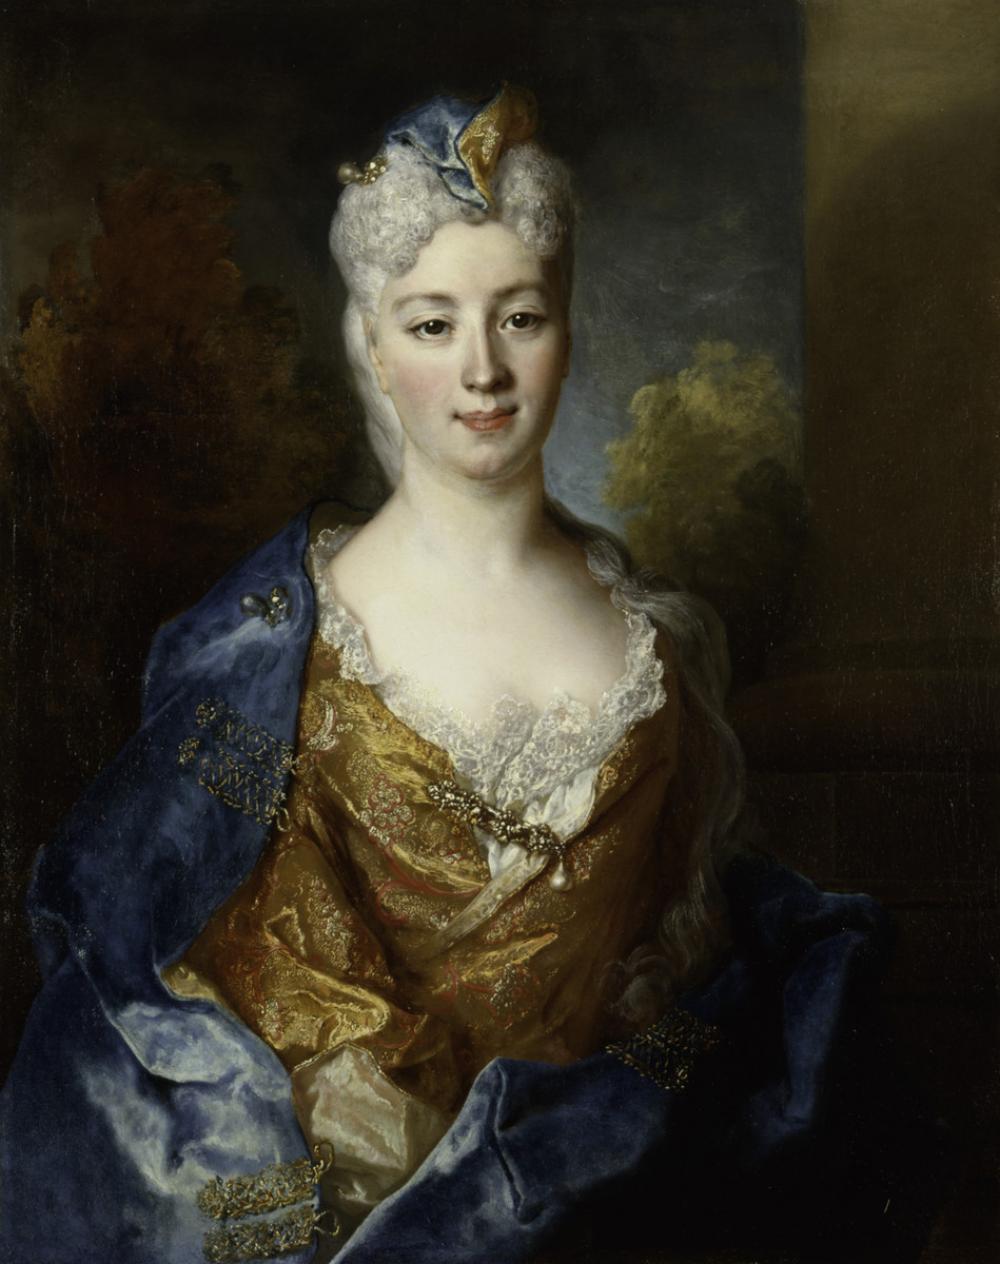 Nicolas de Largillière (French, 1656-1746), Marie Elisabeth Desiree de Chantemerle, Comtesse de Hergh, 1715